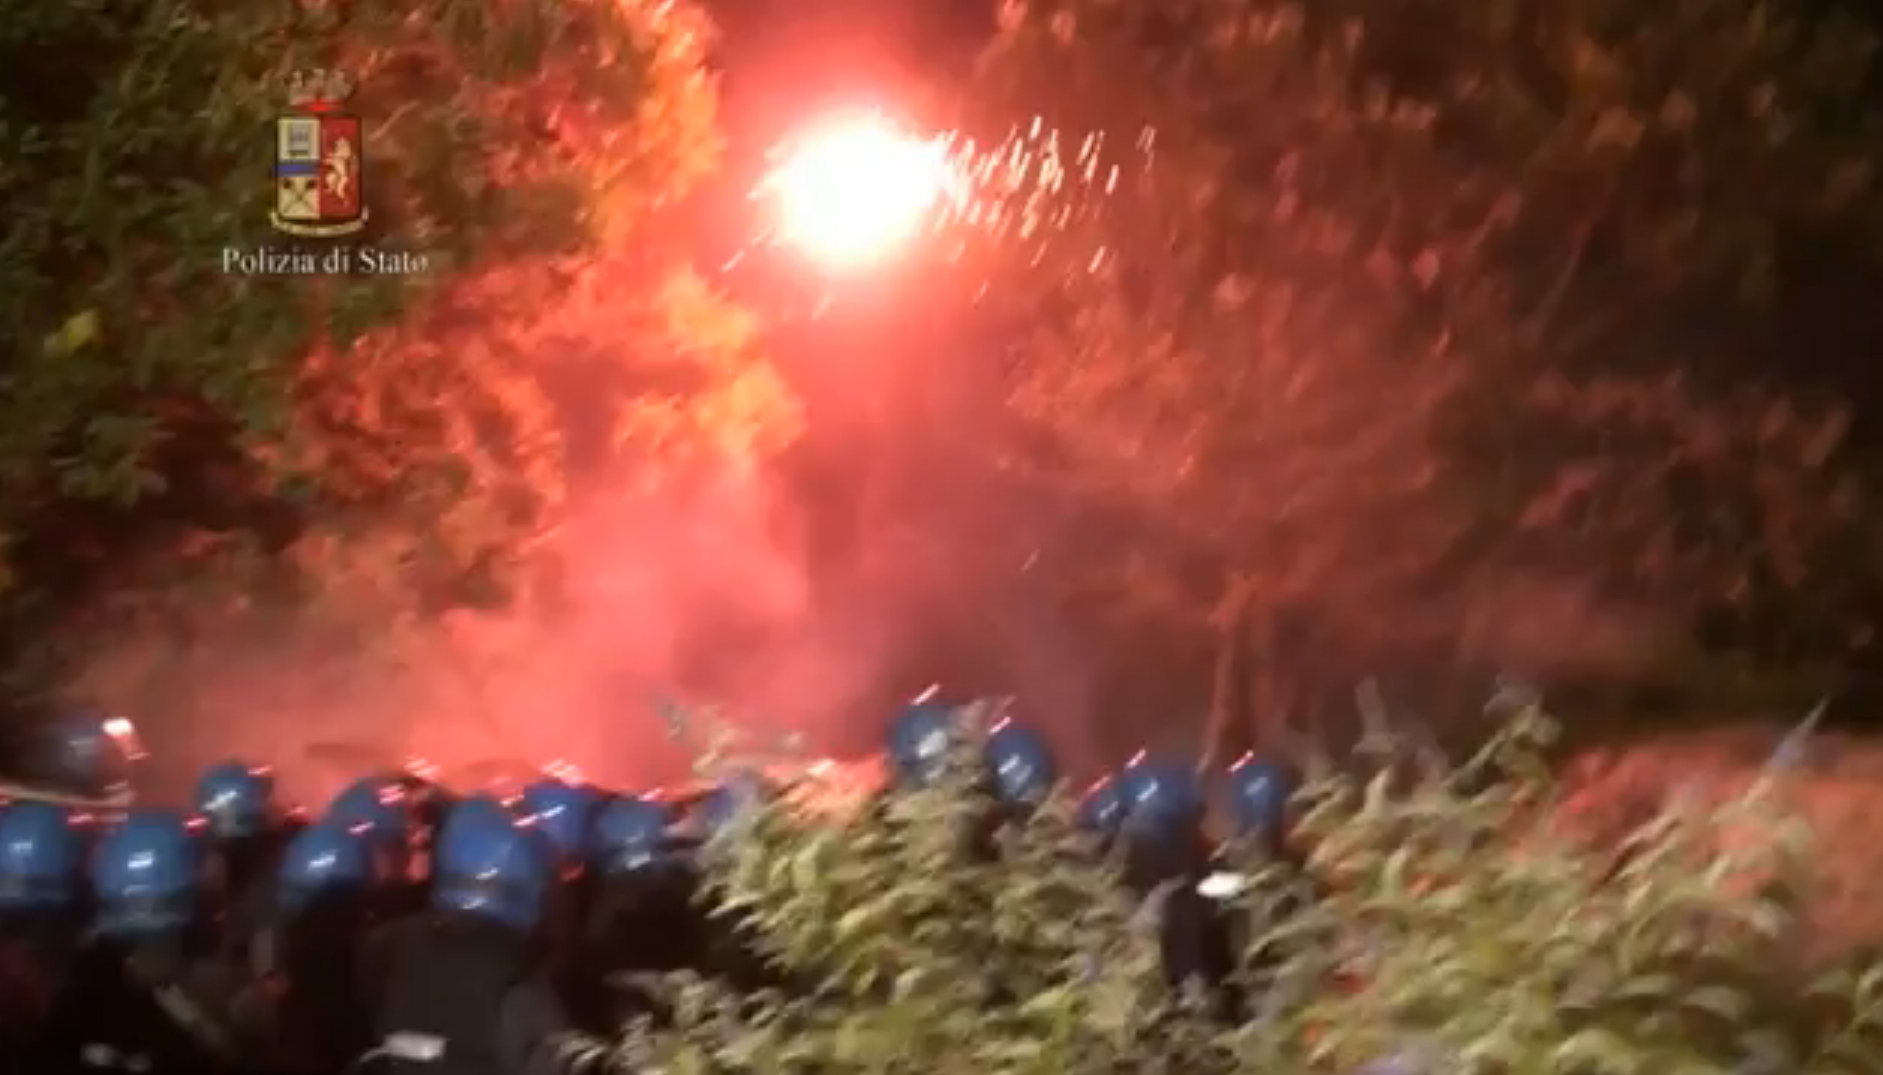 Notti di violenza a Chiomonte: Valle di Susa ingovernabile?